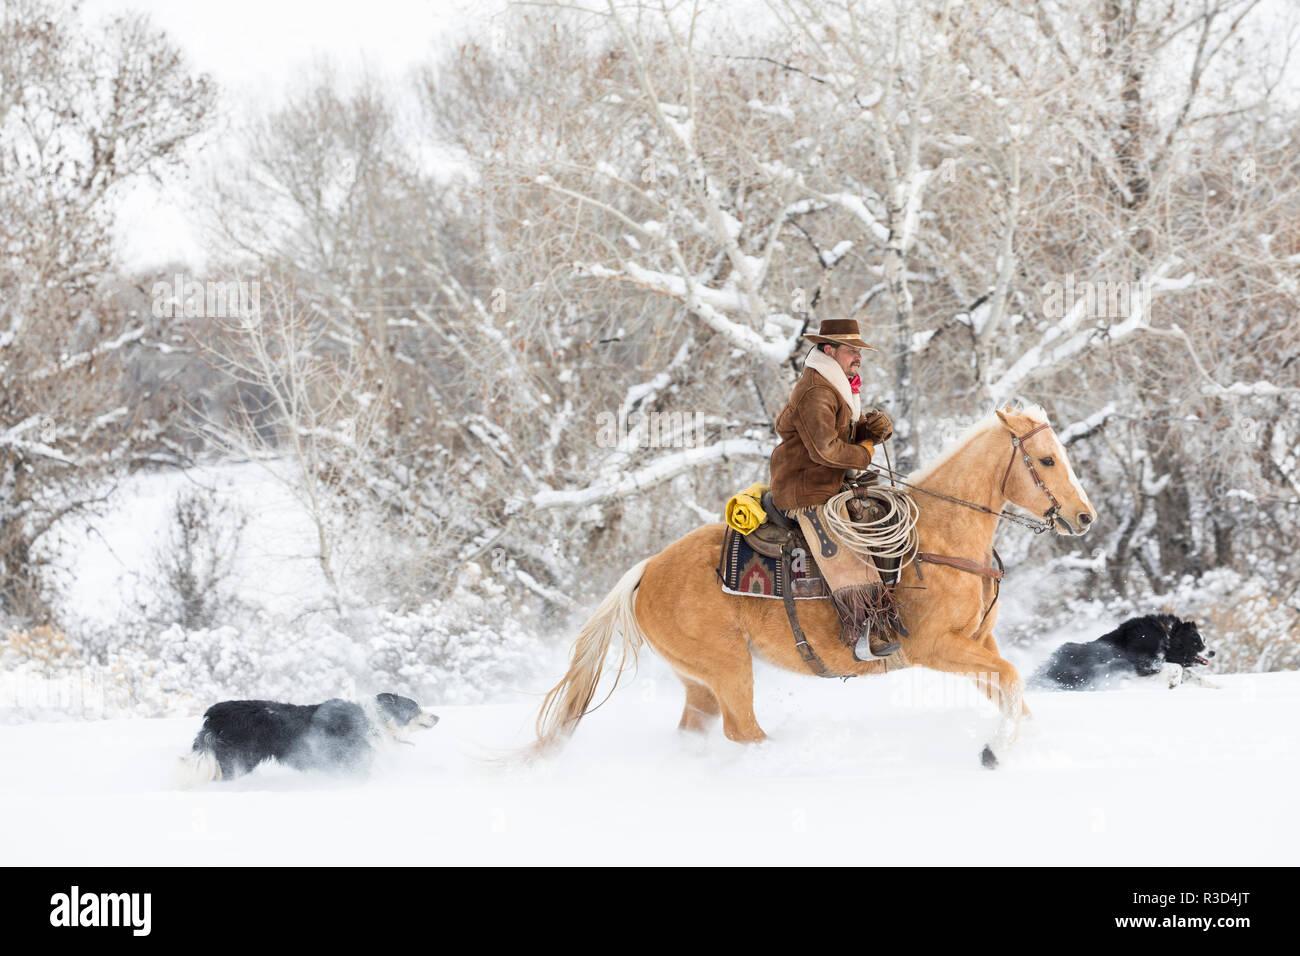 Cowboy Reiter sein Pferd im Winter, Versteck Ranch, Shell, Wyoming. (MR, PR) Stockbild